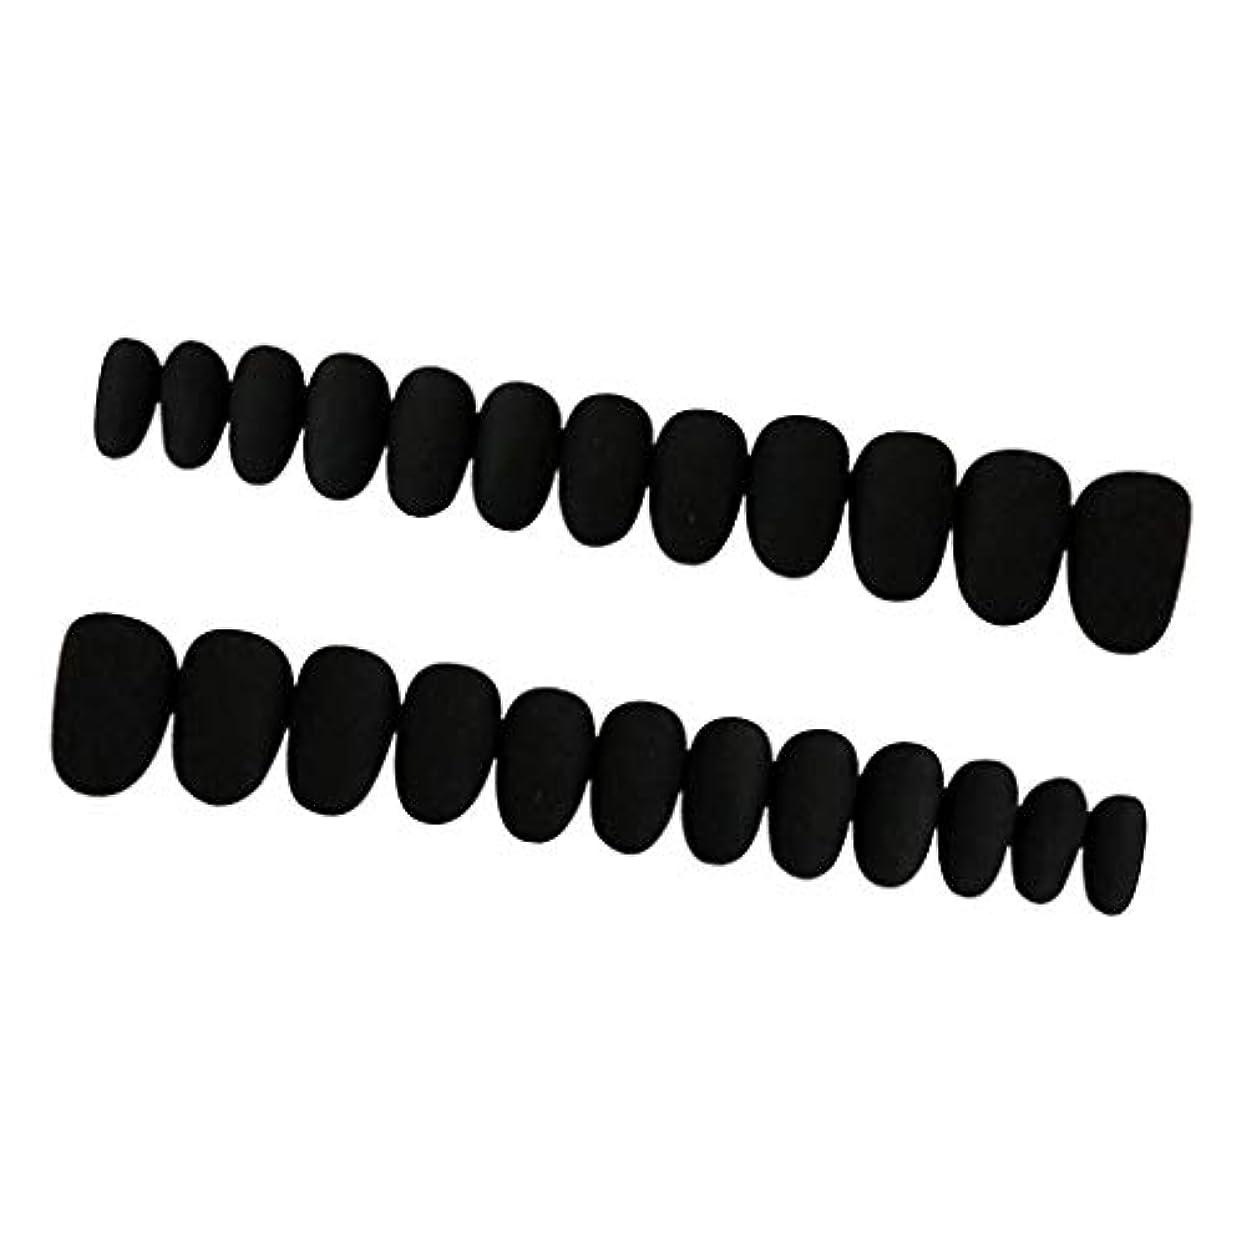 文言周り昼食Perfeclan 約24枚 ネイルシール ネイルアート ネイルラップ ネイルステッカー 貼るだけ ネイル装飾 全3色 - ブラック